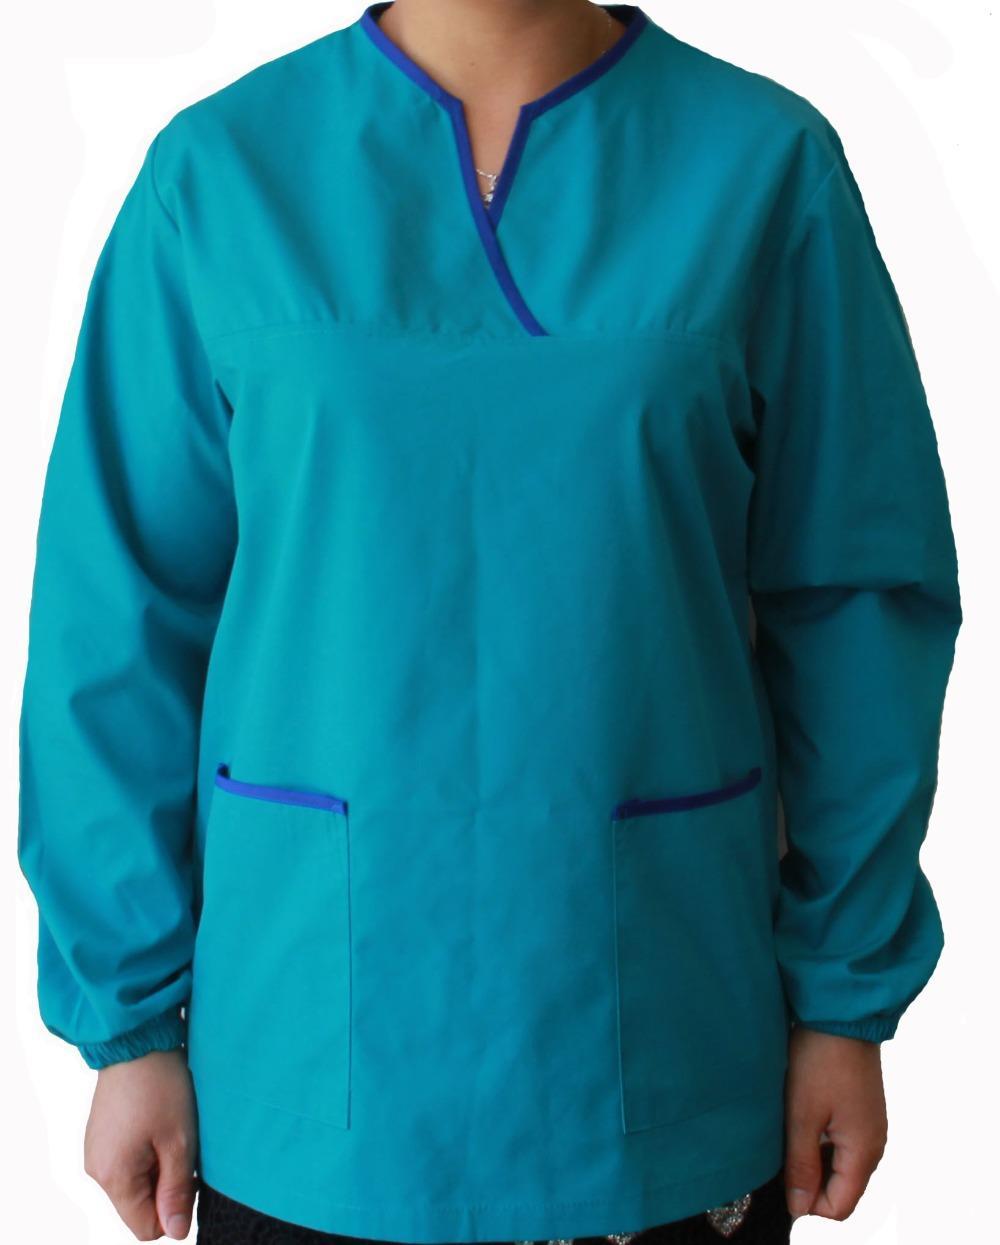 شركات يونيفورم بمصر_ملابس طبية ununiform– الزى الخاص بالمستشفيات والممرضات والاطباء 141520953